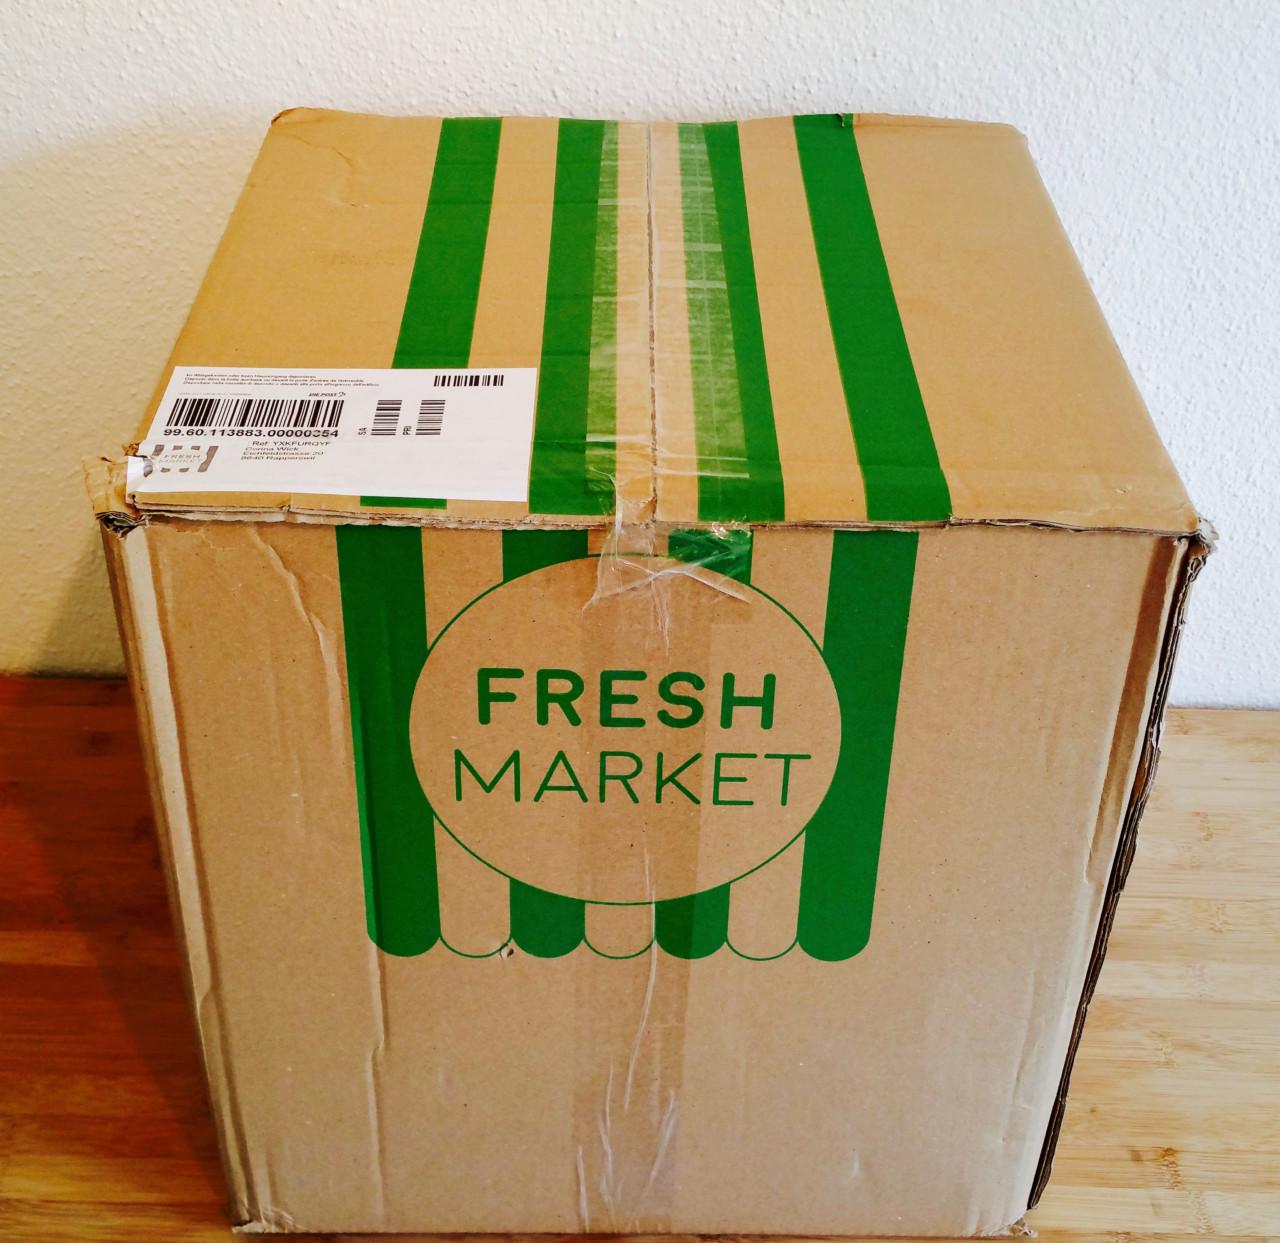 Die Lieferung von freshmarket mit den frischen Zutaten für meinen selbergemixten Smoothie